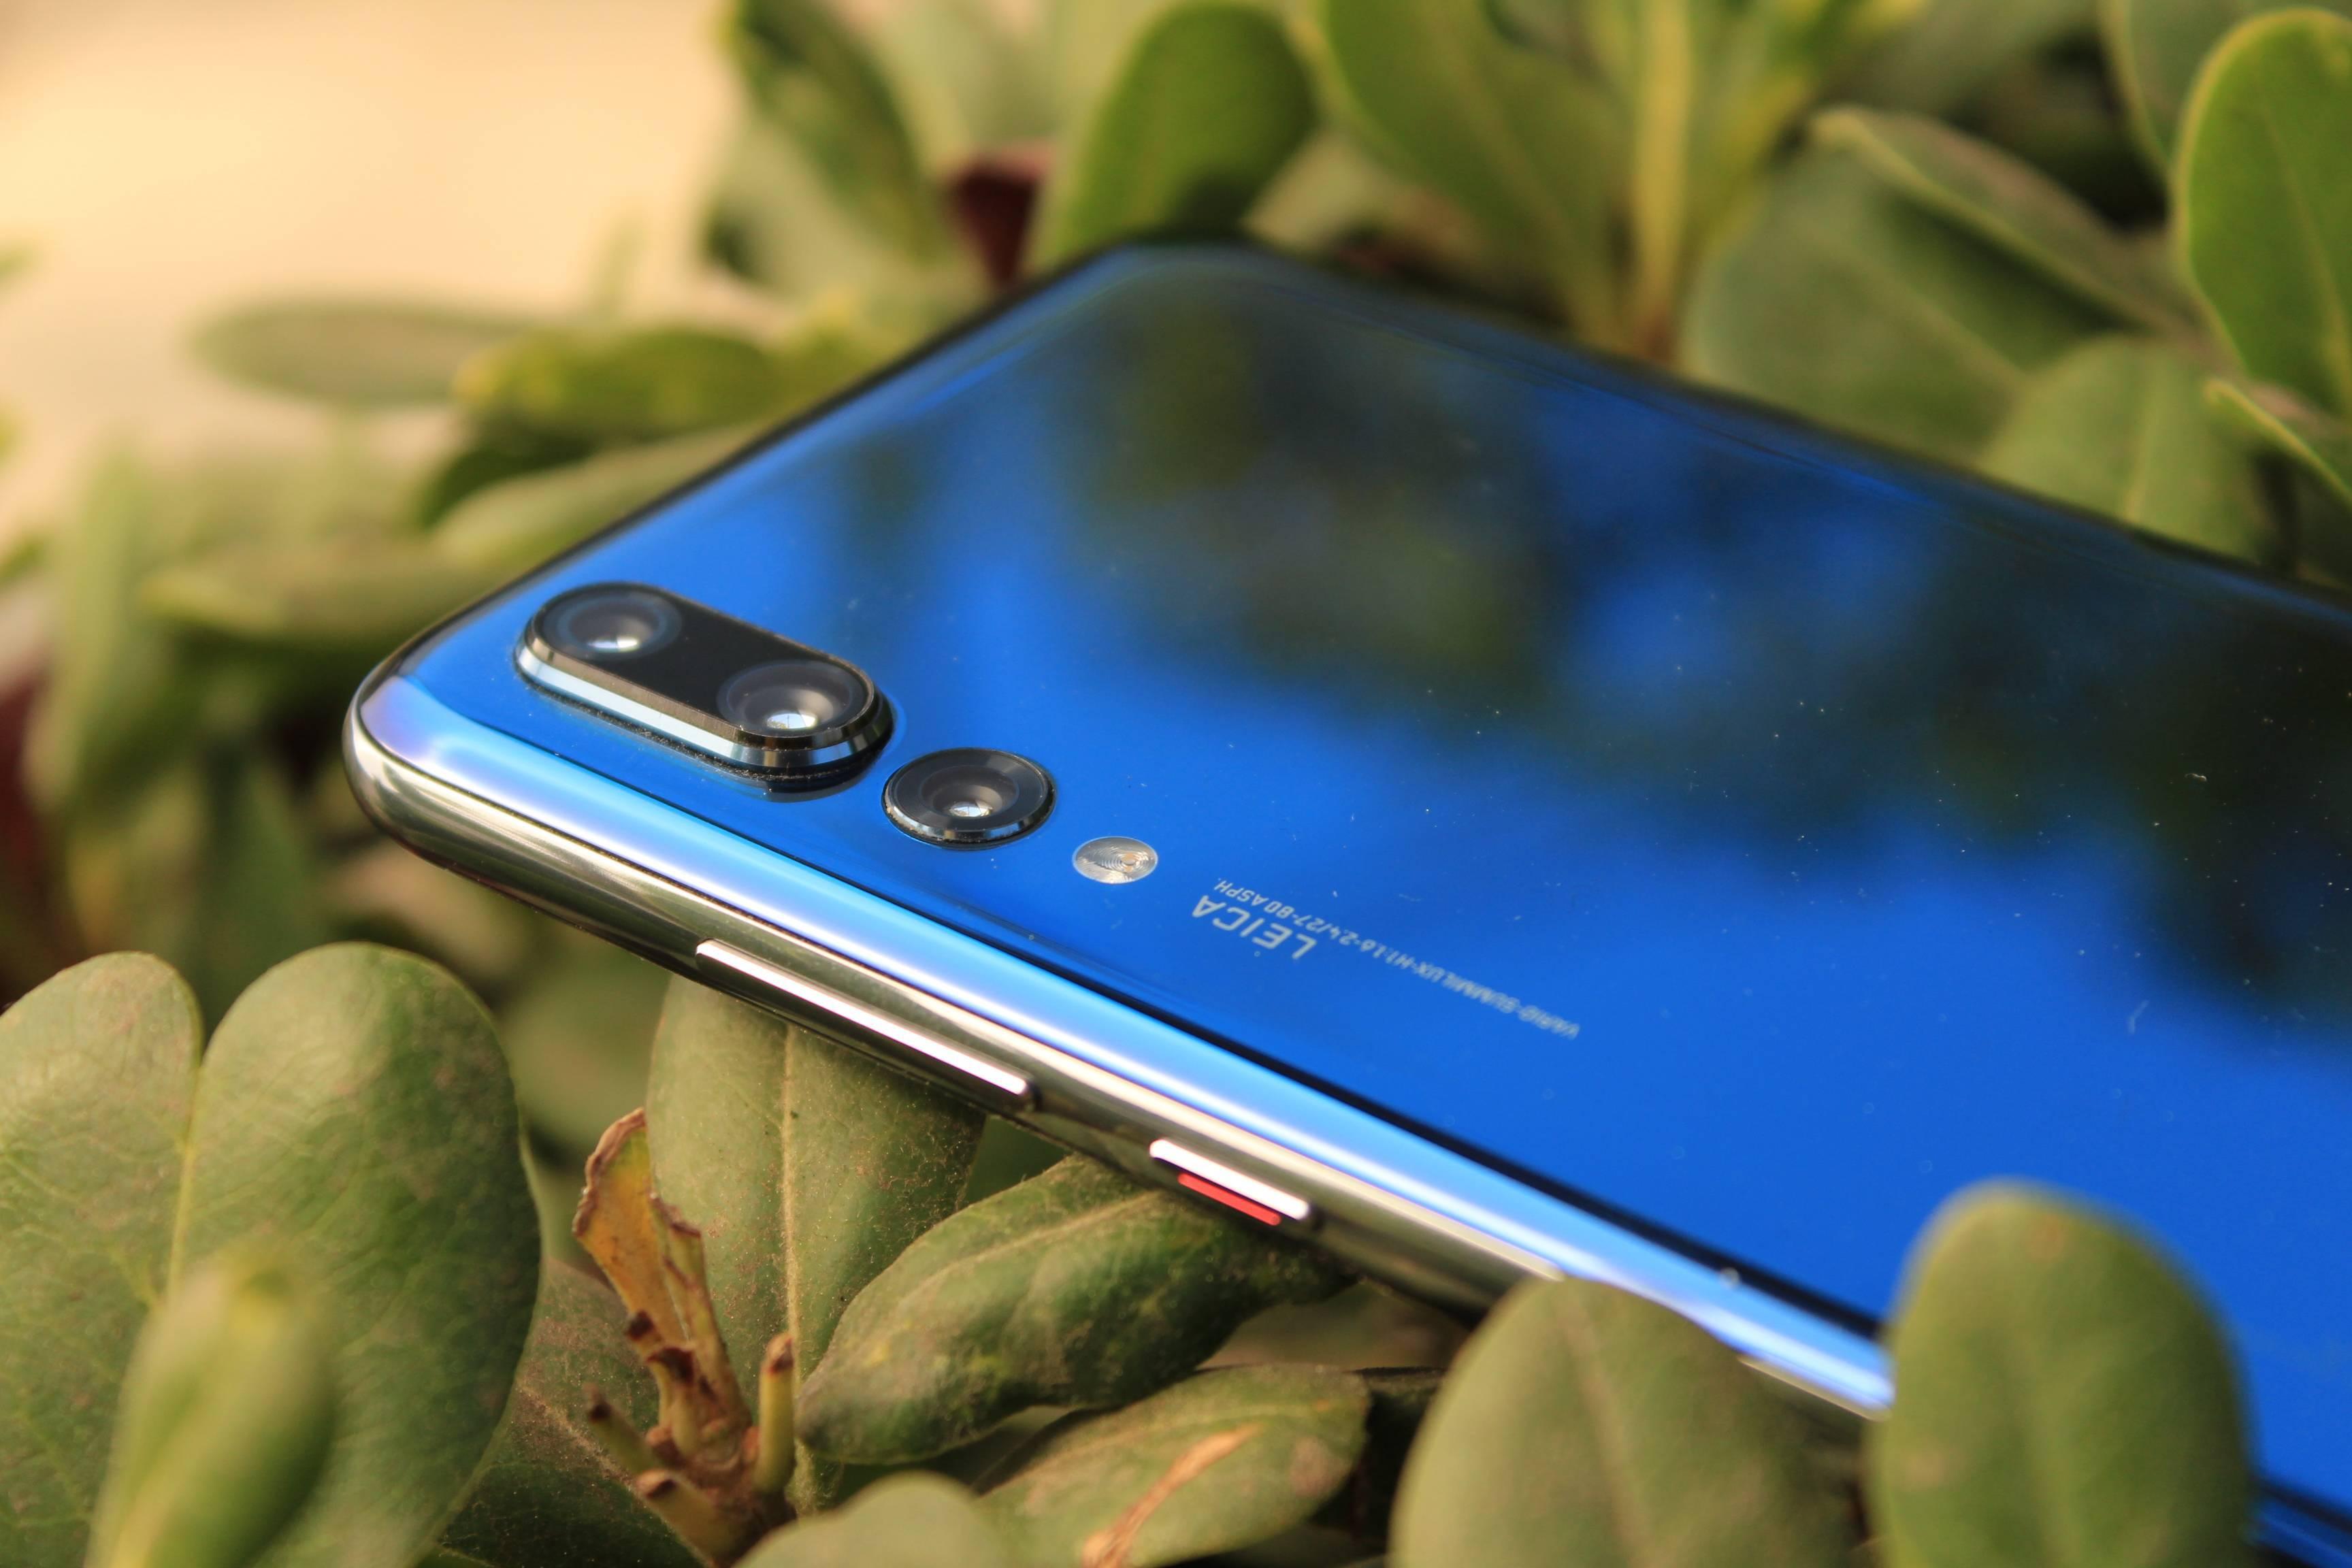 Google descubre falla de seguridad en Android™ que perjudica a los Pixel y otros dispositivos